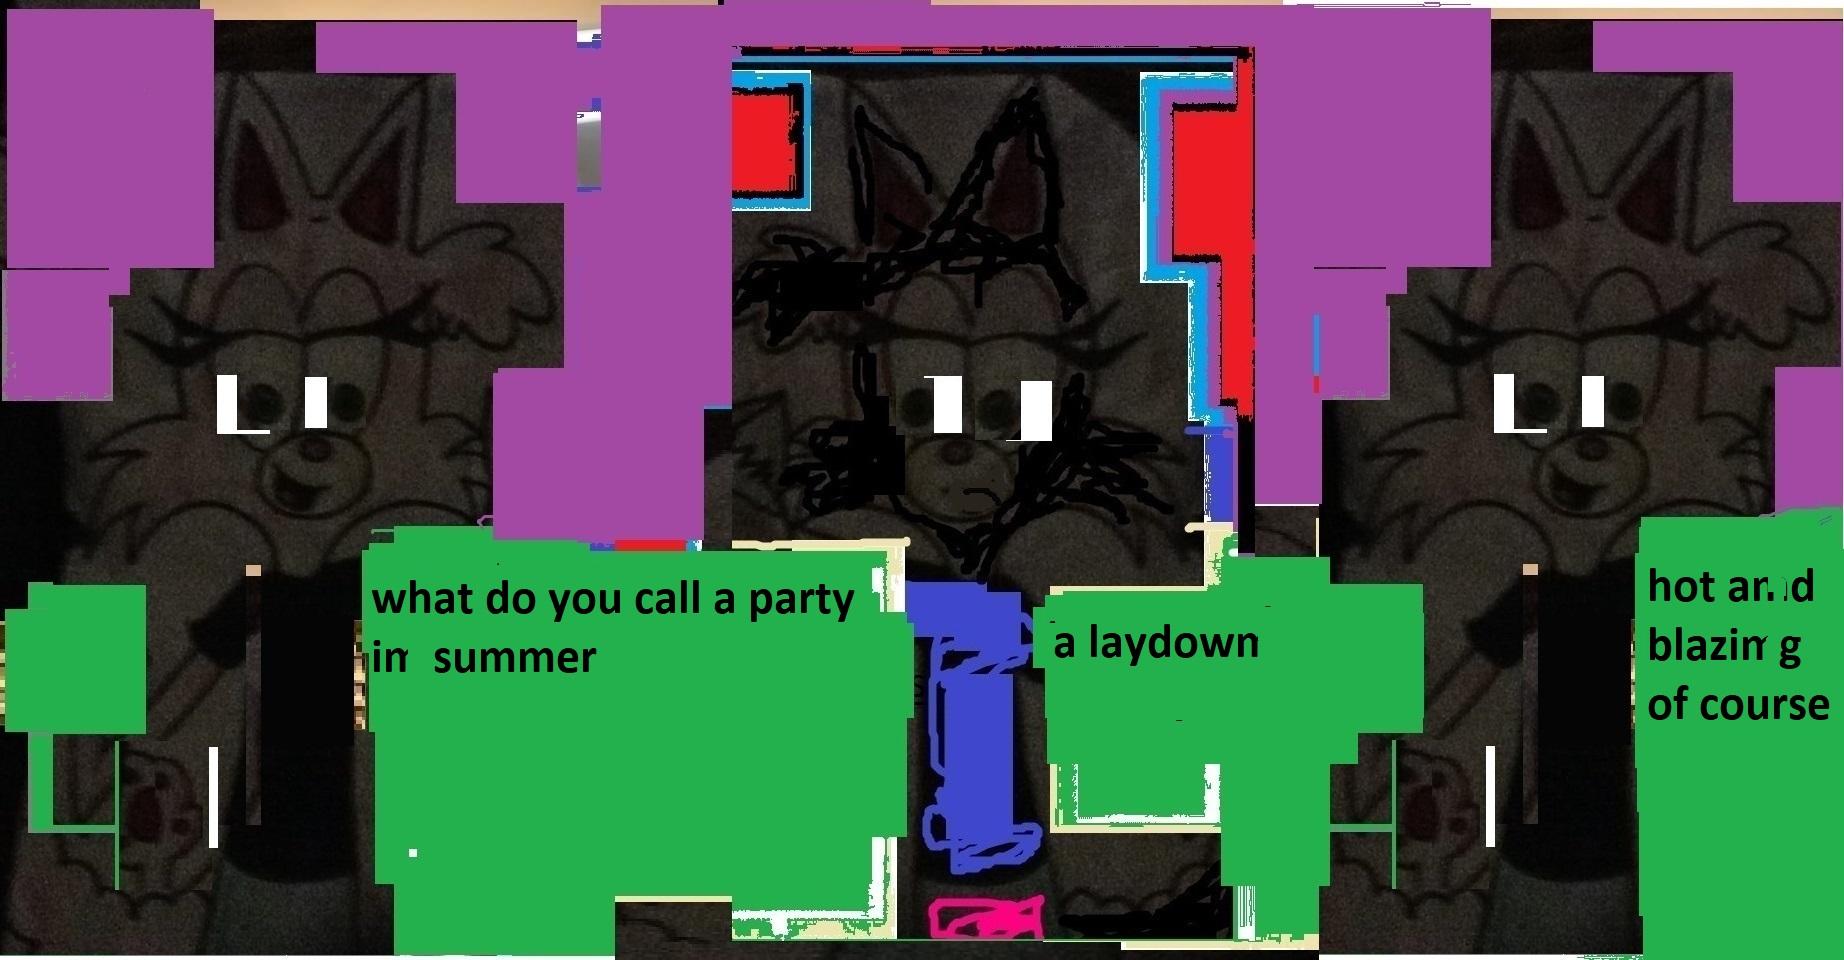 partysummer